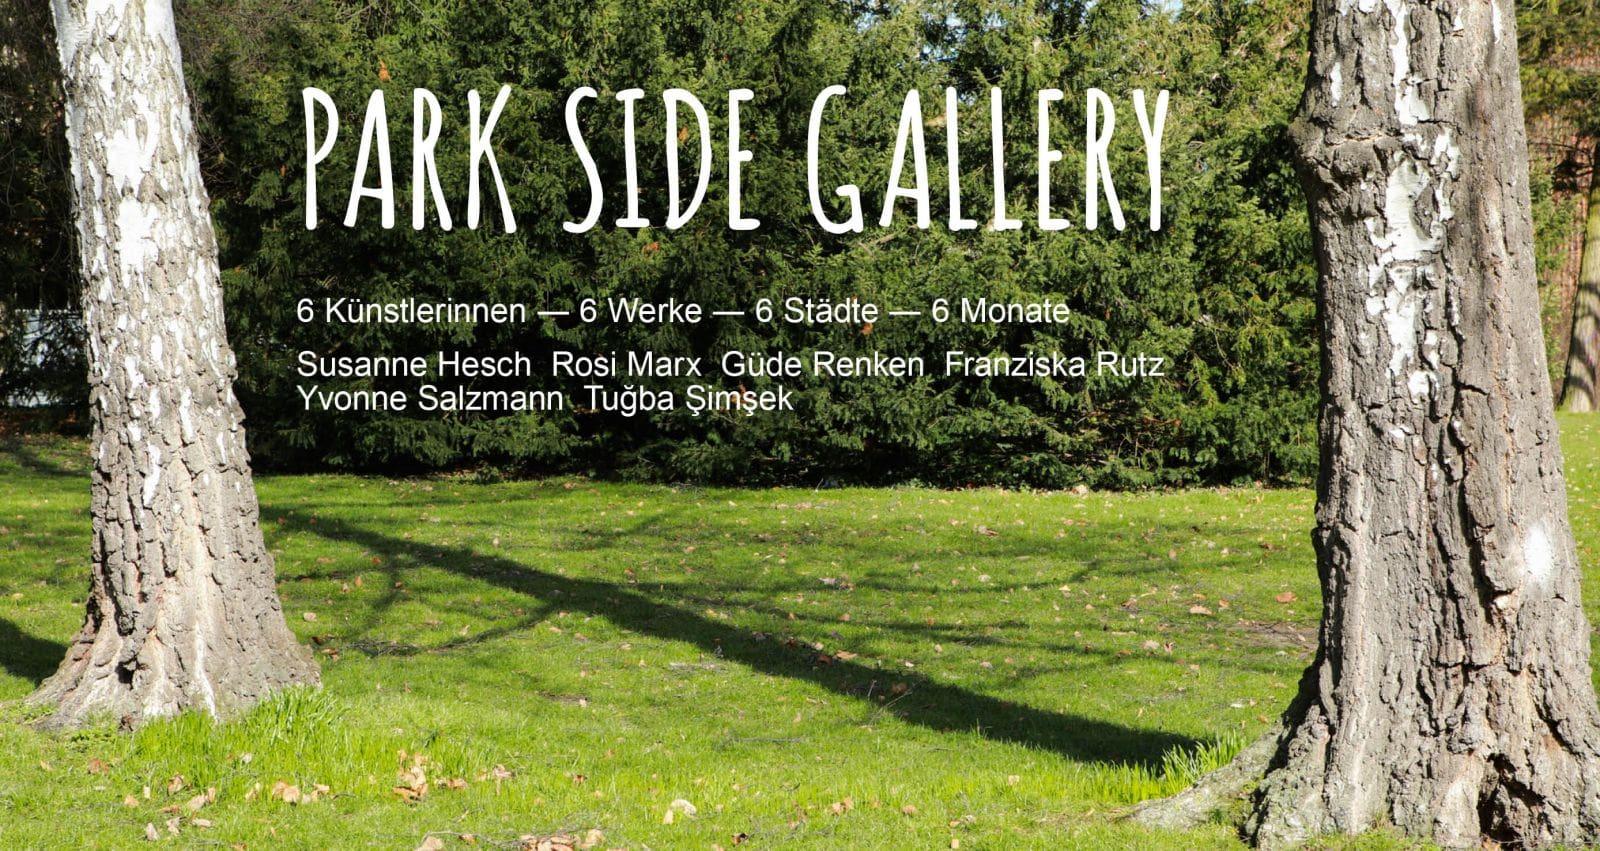 ParkSideGallery Yvonne Salzmann